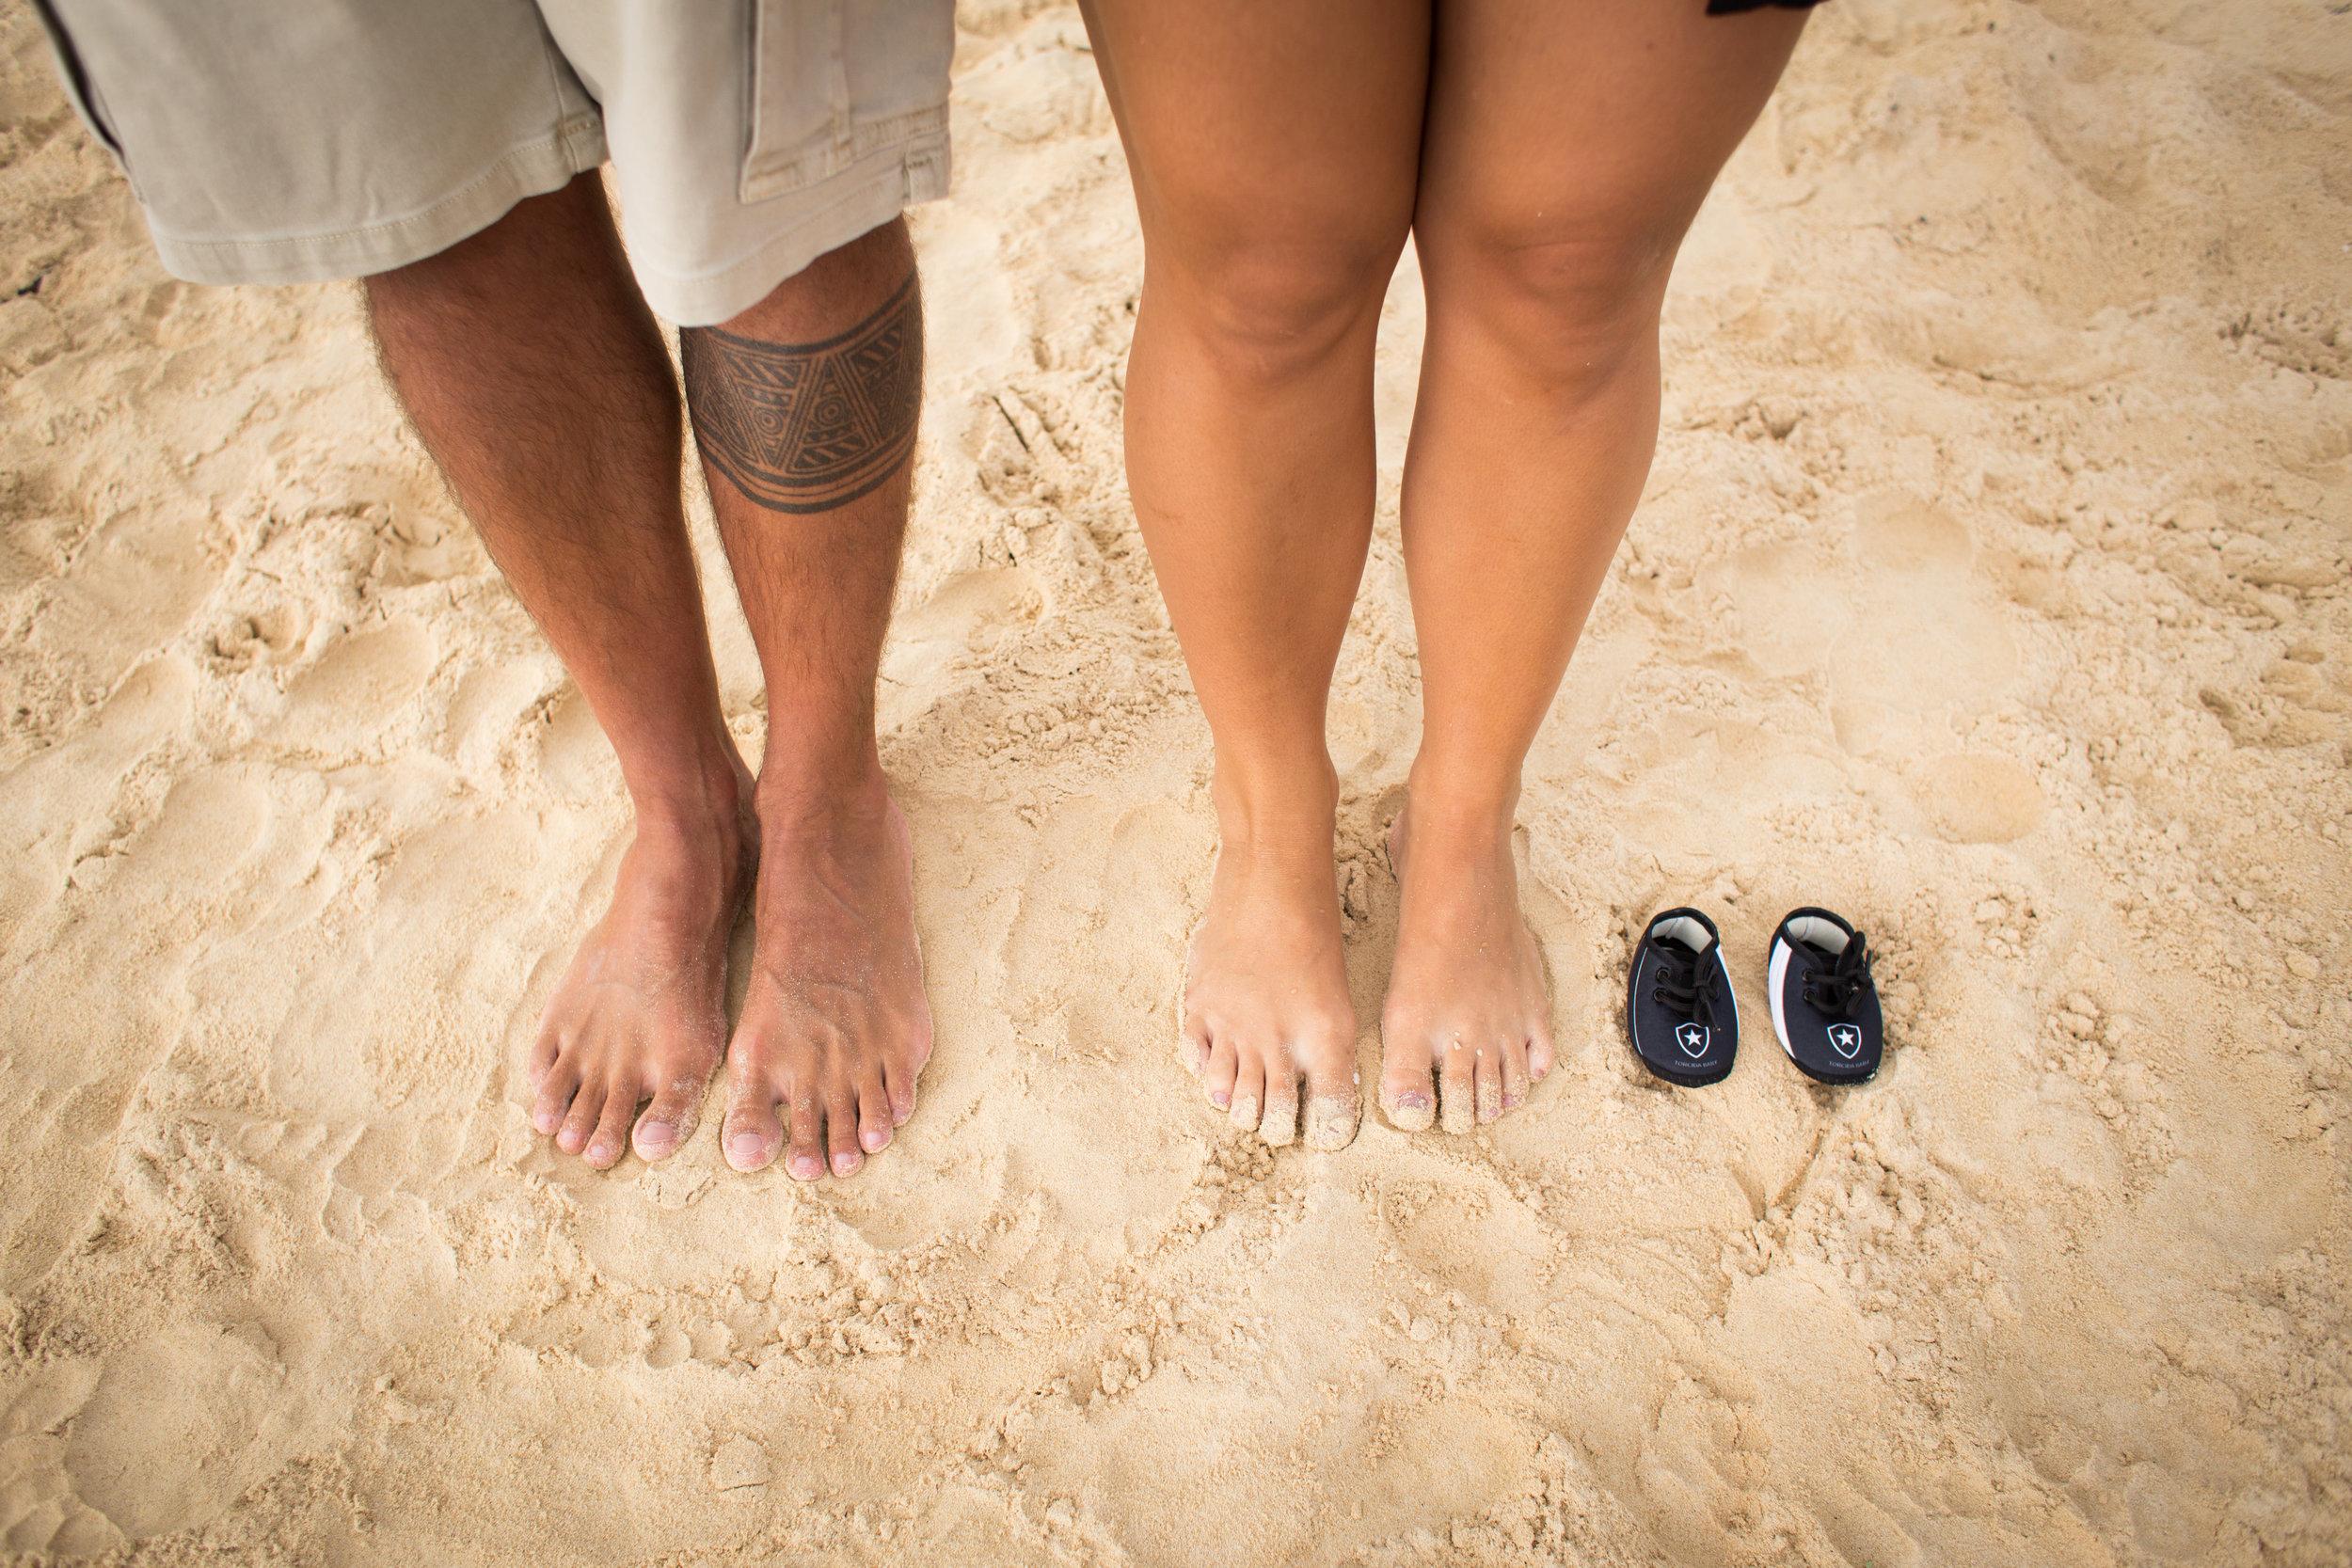 ensaio fotografico no havai ensaio em honolulu2.jpg